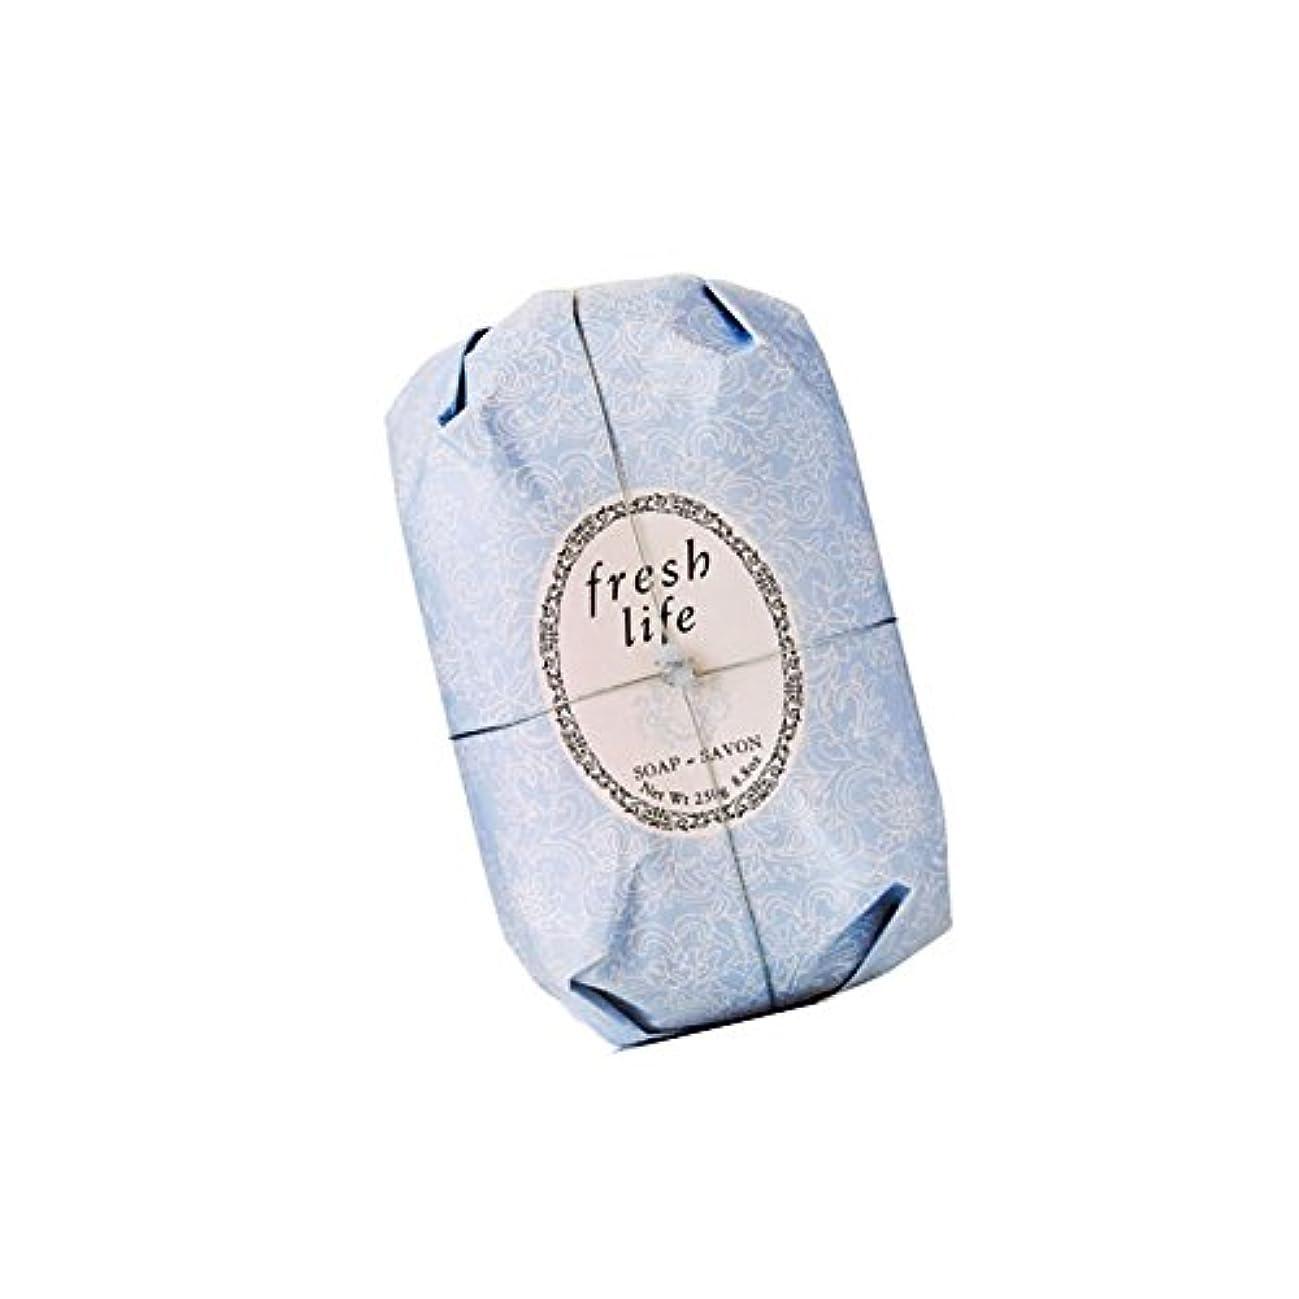 順応性名誉一貫したFresh フレッシュ Life Soap 石鹸, 250g/8.8oz. [海外直送品] [並行輸入品]